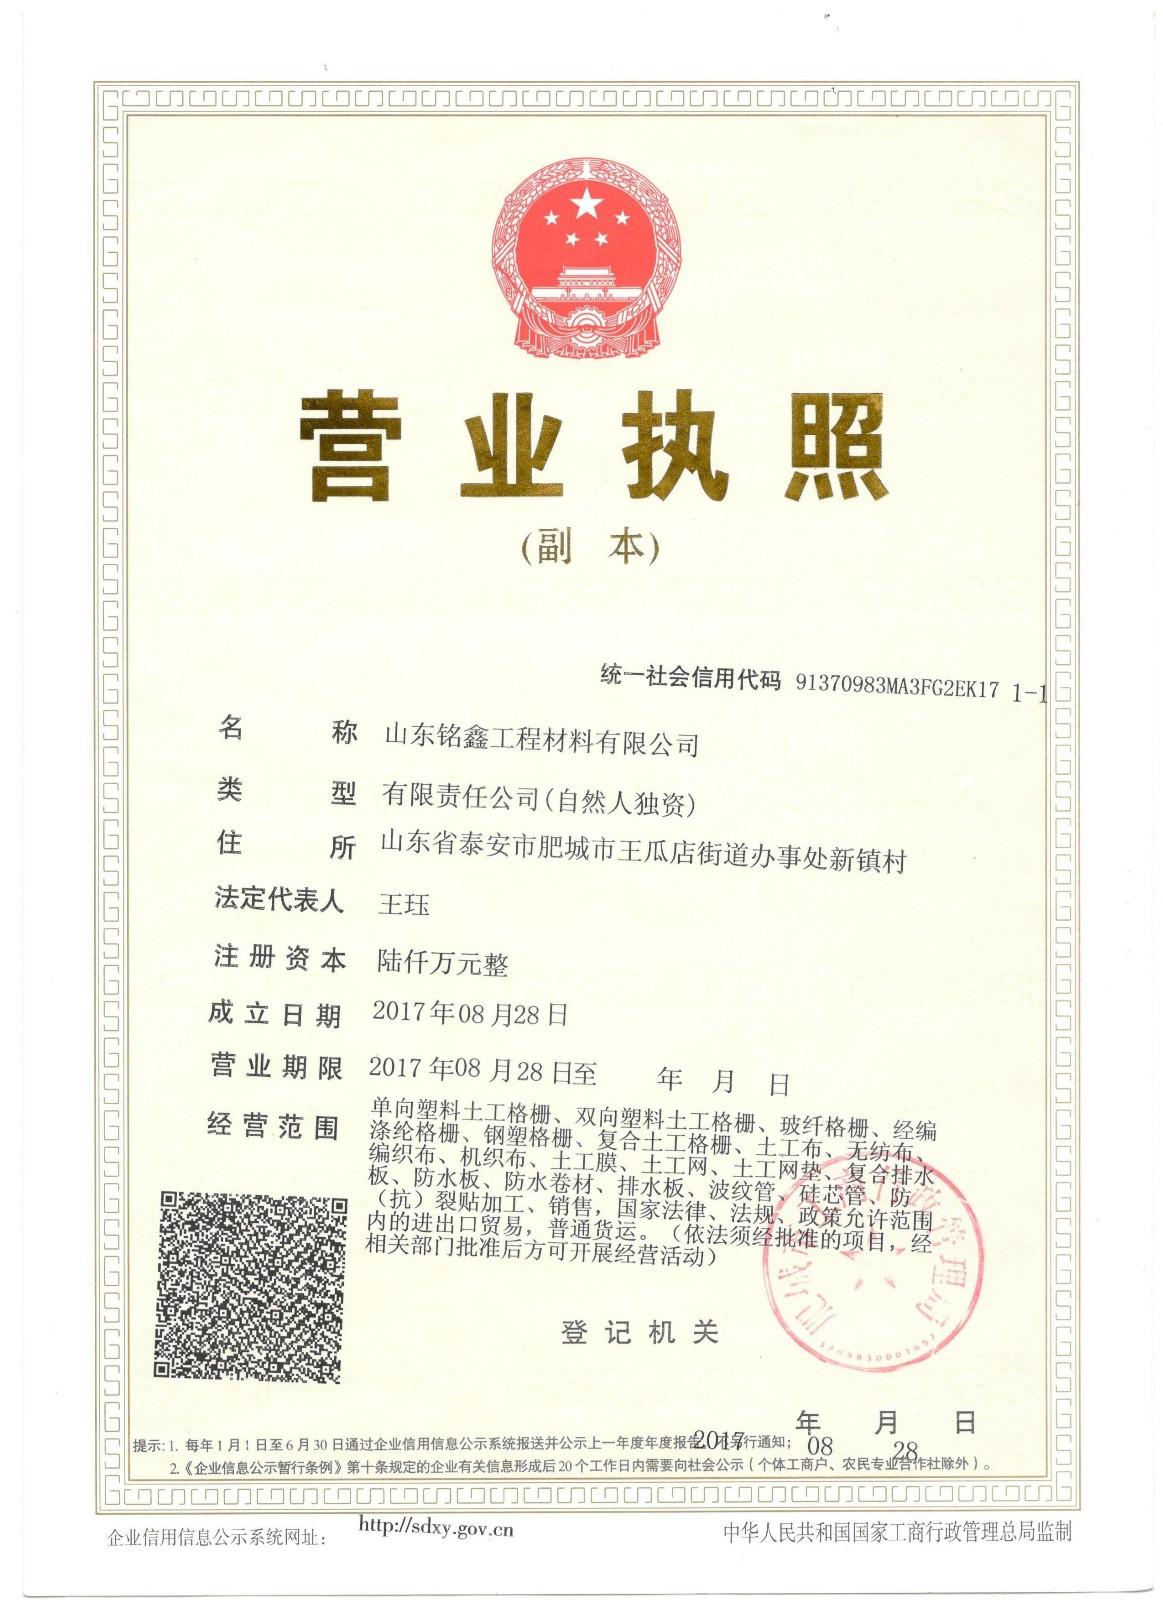 千赢国际官网登录入口营业执照.jpg